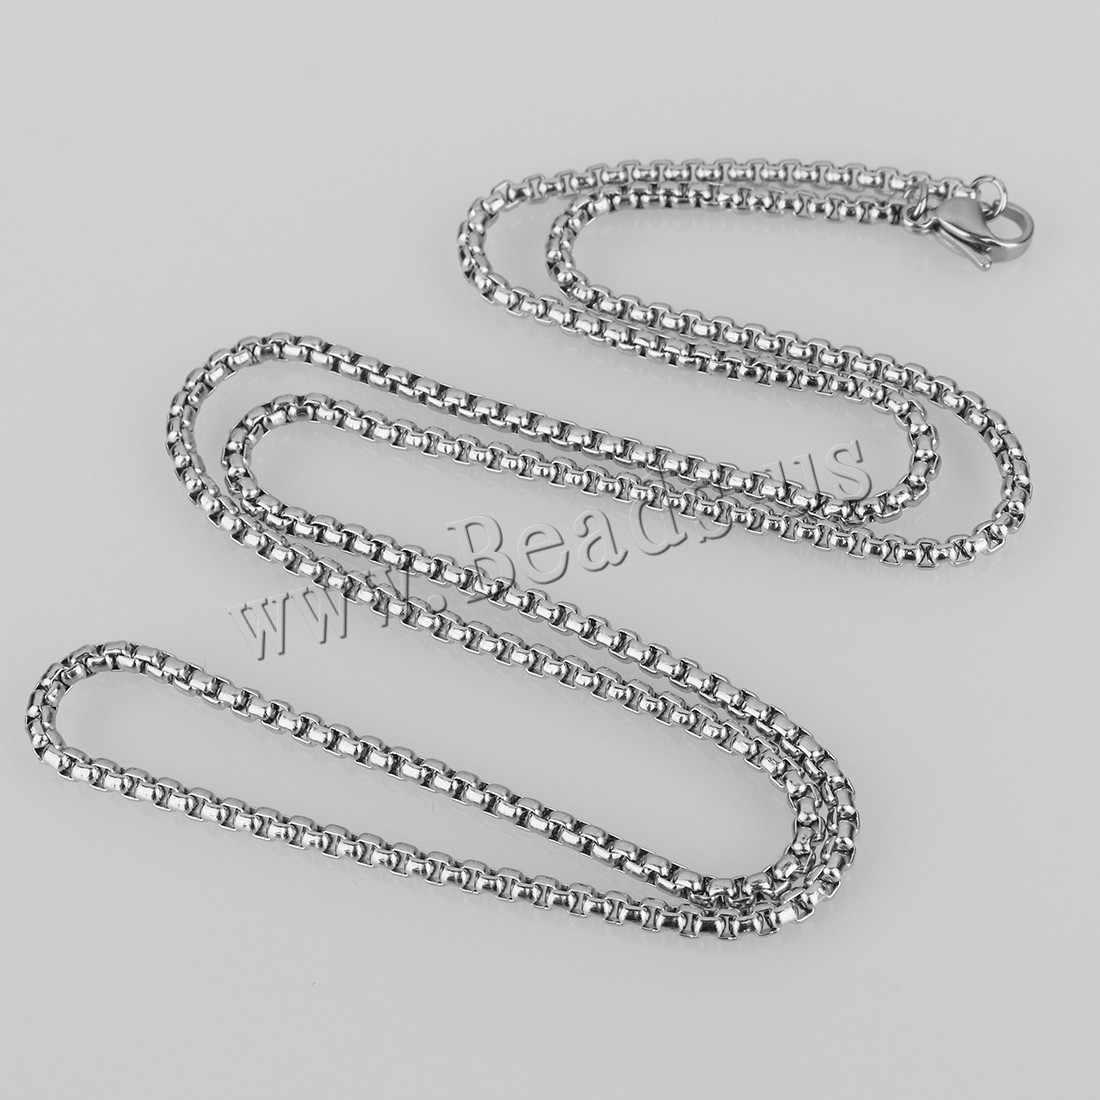 """2-4mm czarny Box naszyjnik łańcuch dla mężczyzn naszyjnik ze stali nierdzewnej mężczyzn naszyjnik hurtownie biżuteria 18- 36"""""""